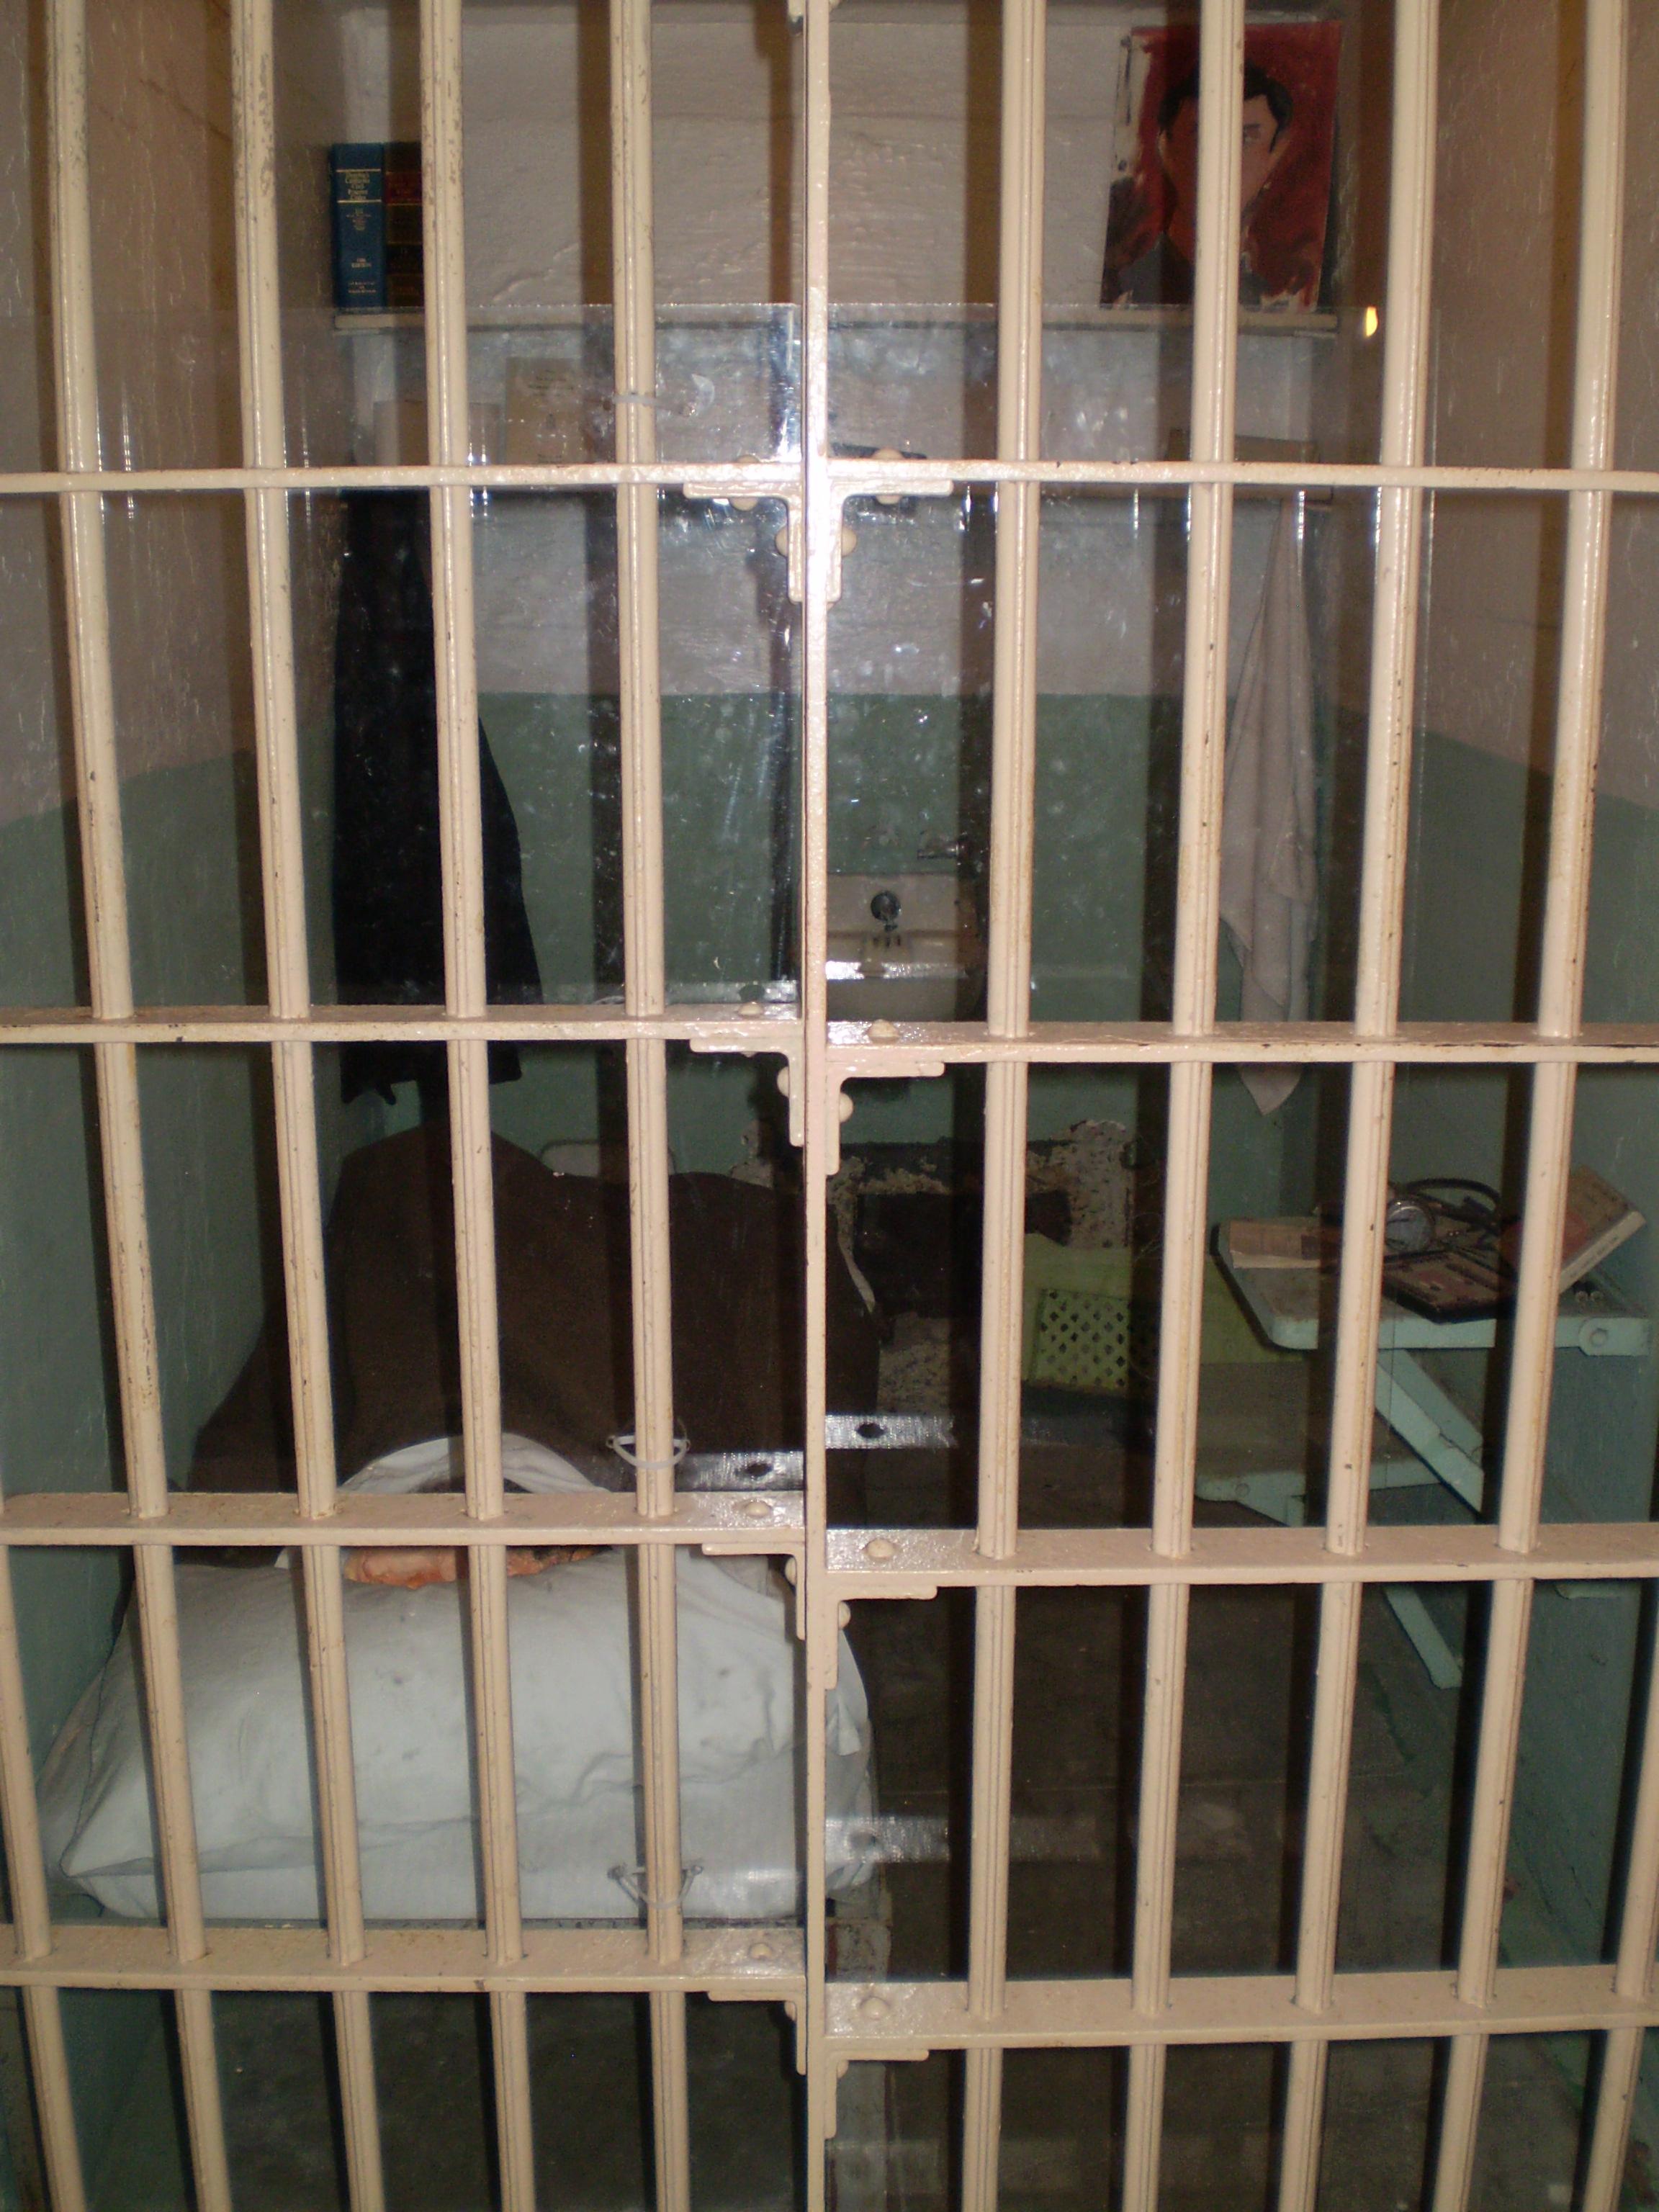 San-Francisco-Alcatraz-John-Anglin-Clarence-Anglin-Frank-Lee-Morris-Anglin-Brothers-Escape-from-Alcatraz